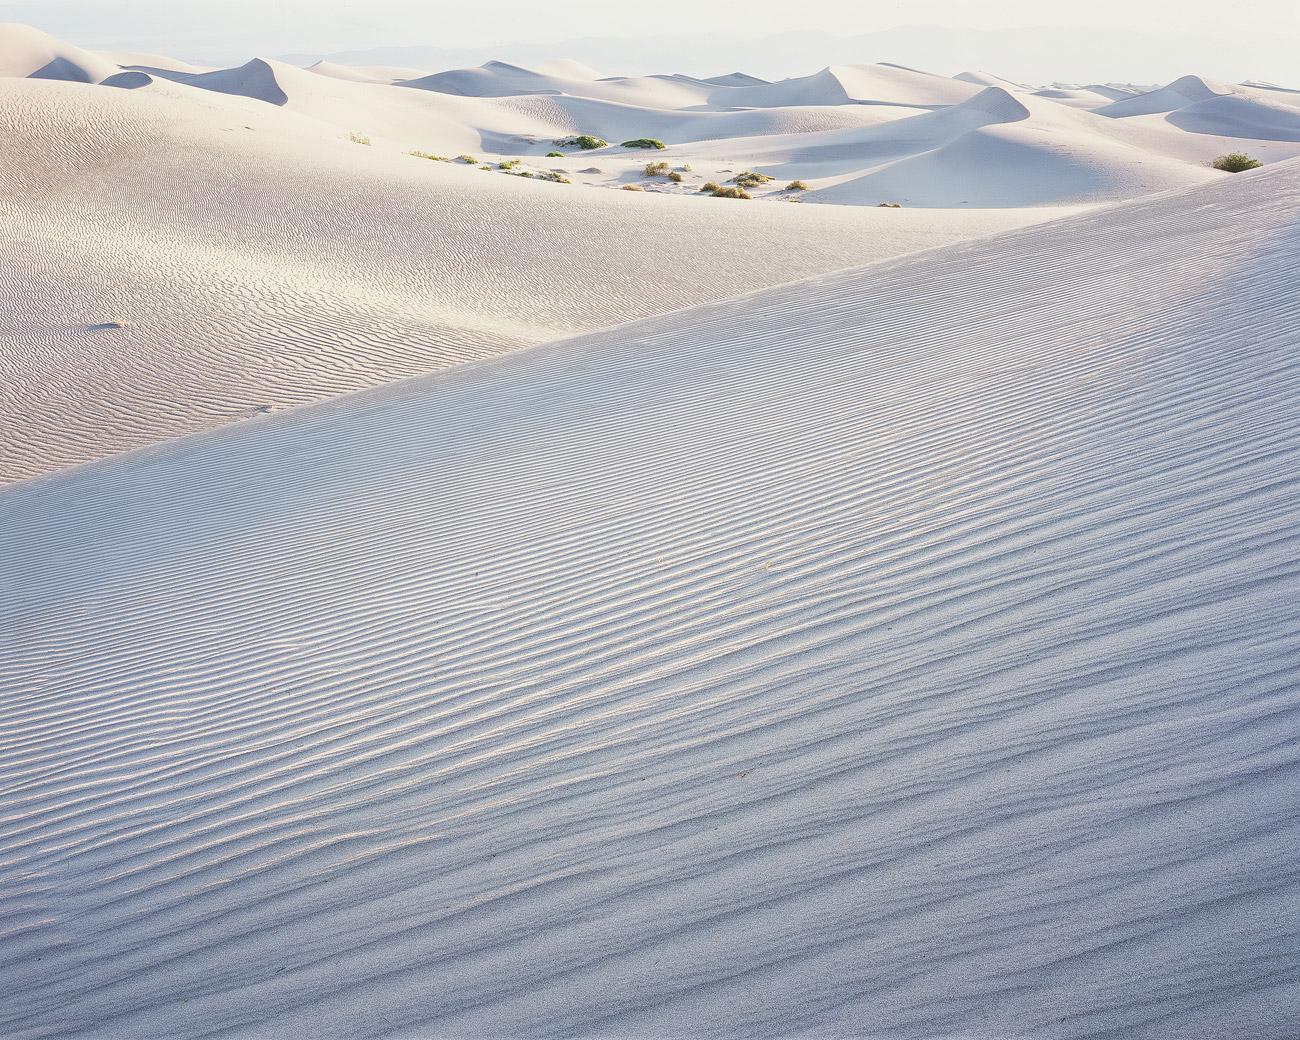 Landschaft der Mesquite Sanddünen, Death Valley, Kalifornien.